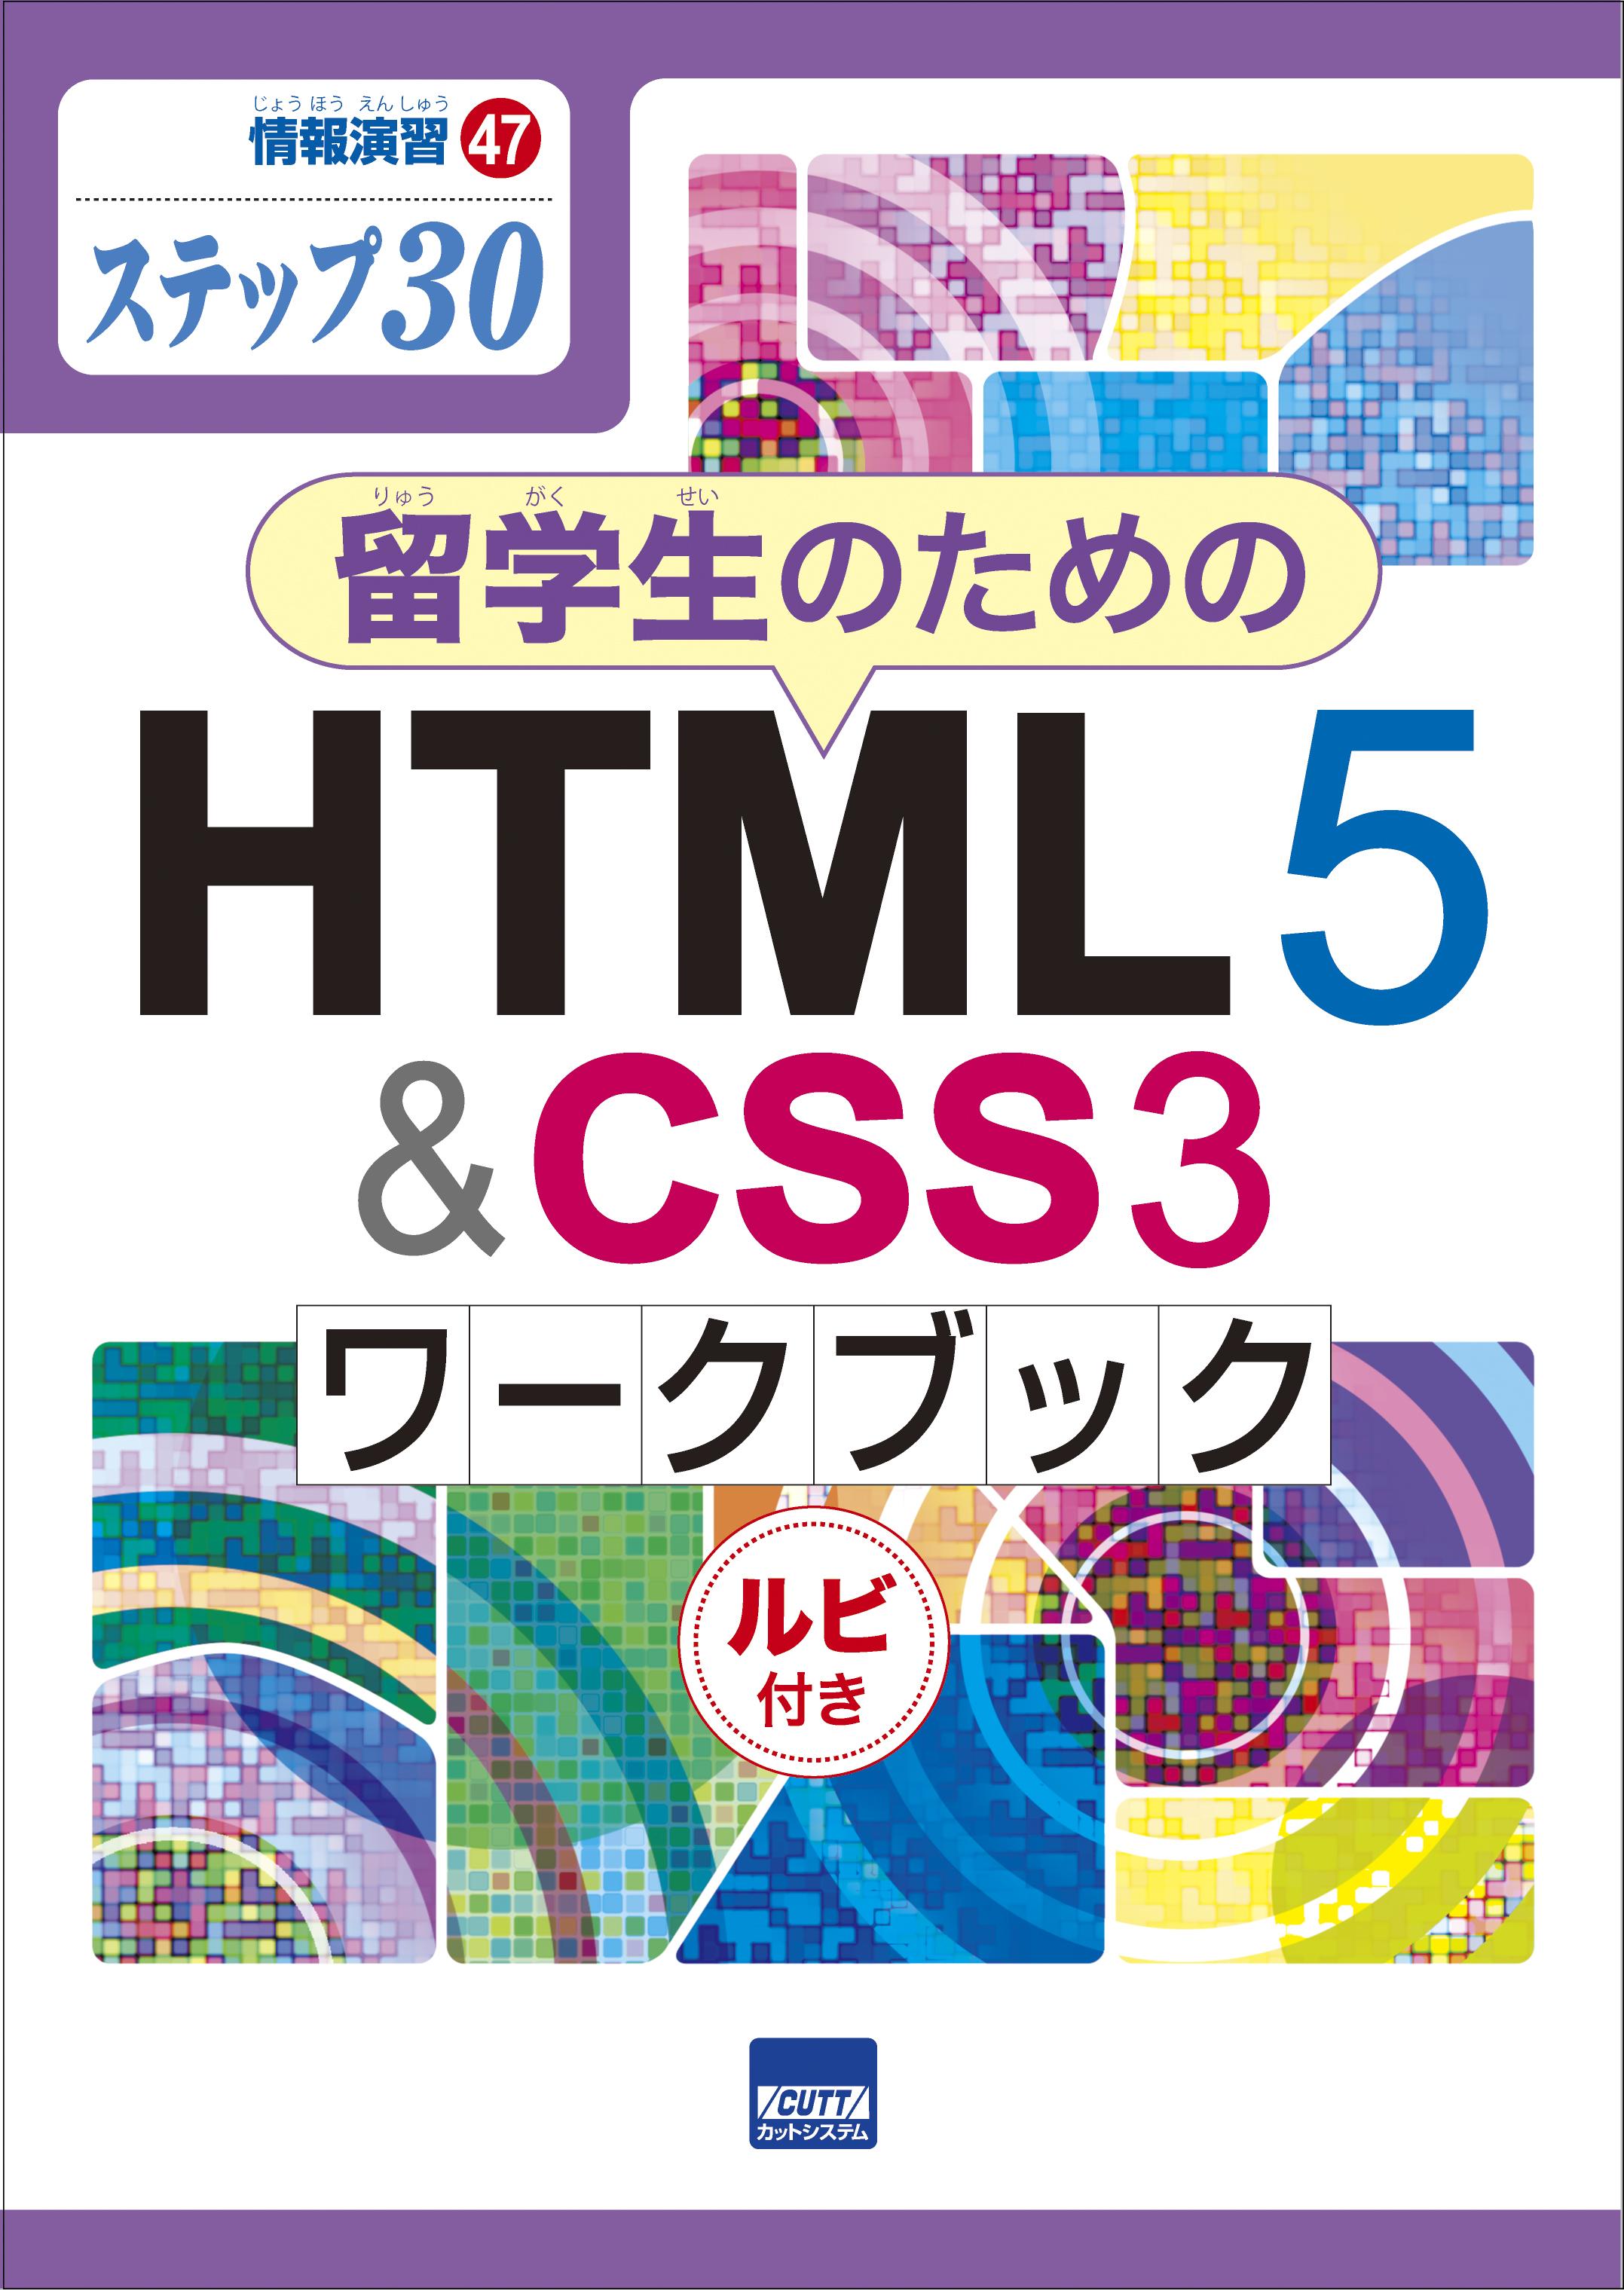 情報演習㊼ステップ㉚ 留学生のためのHTML5&CSSワークブック ルビ付き 画像